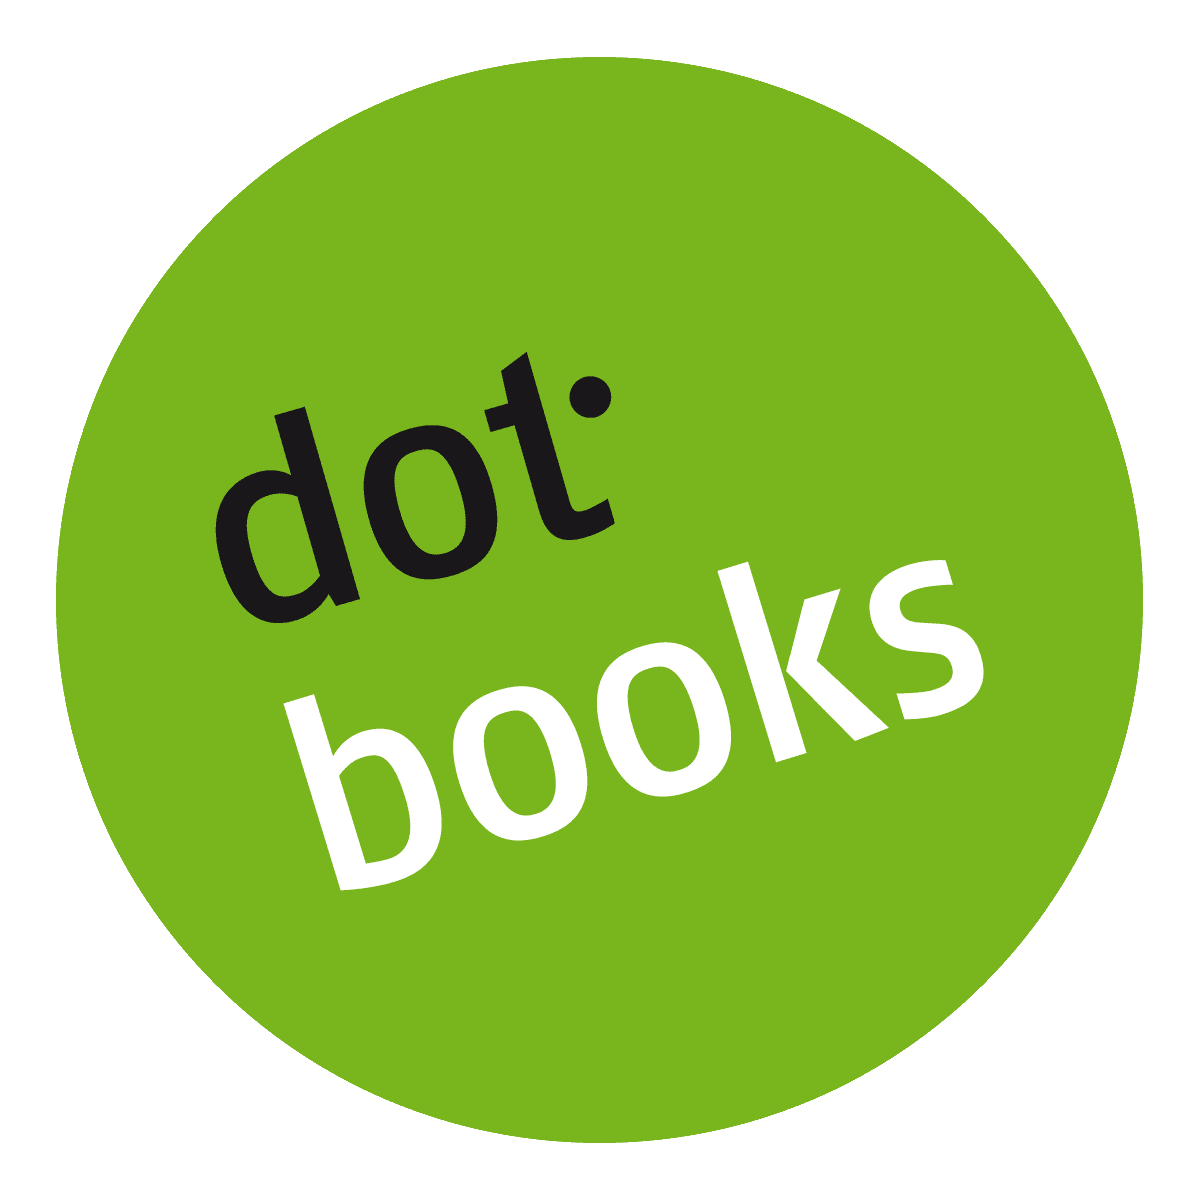 www.dotbooks.de